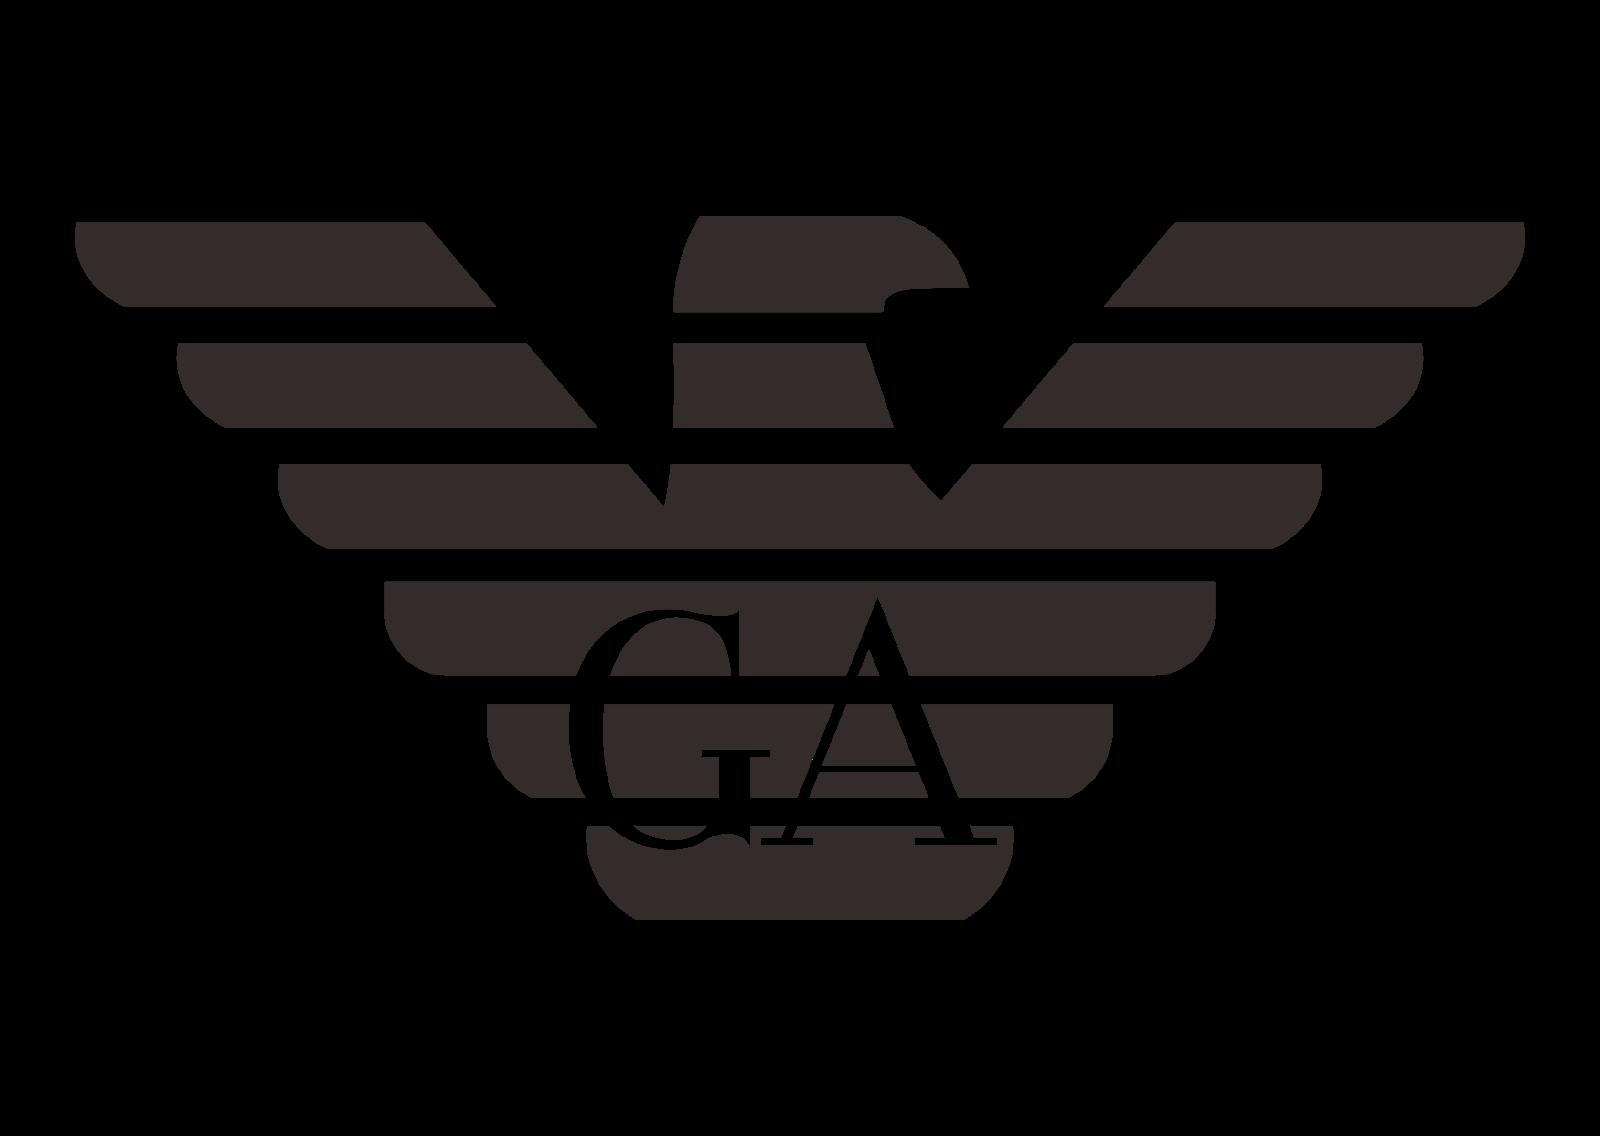 Emporio Armani Vector Logo Wallpaper